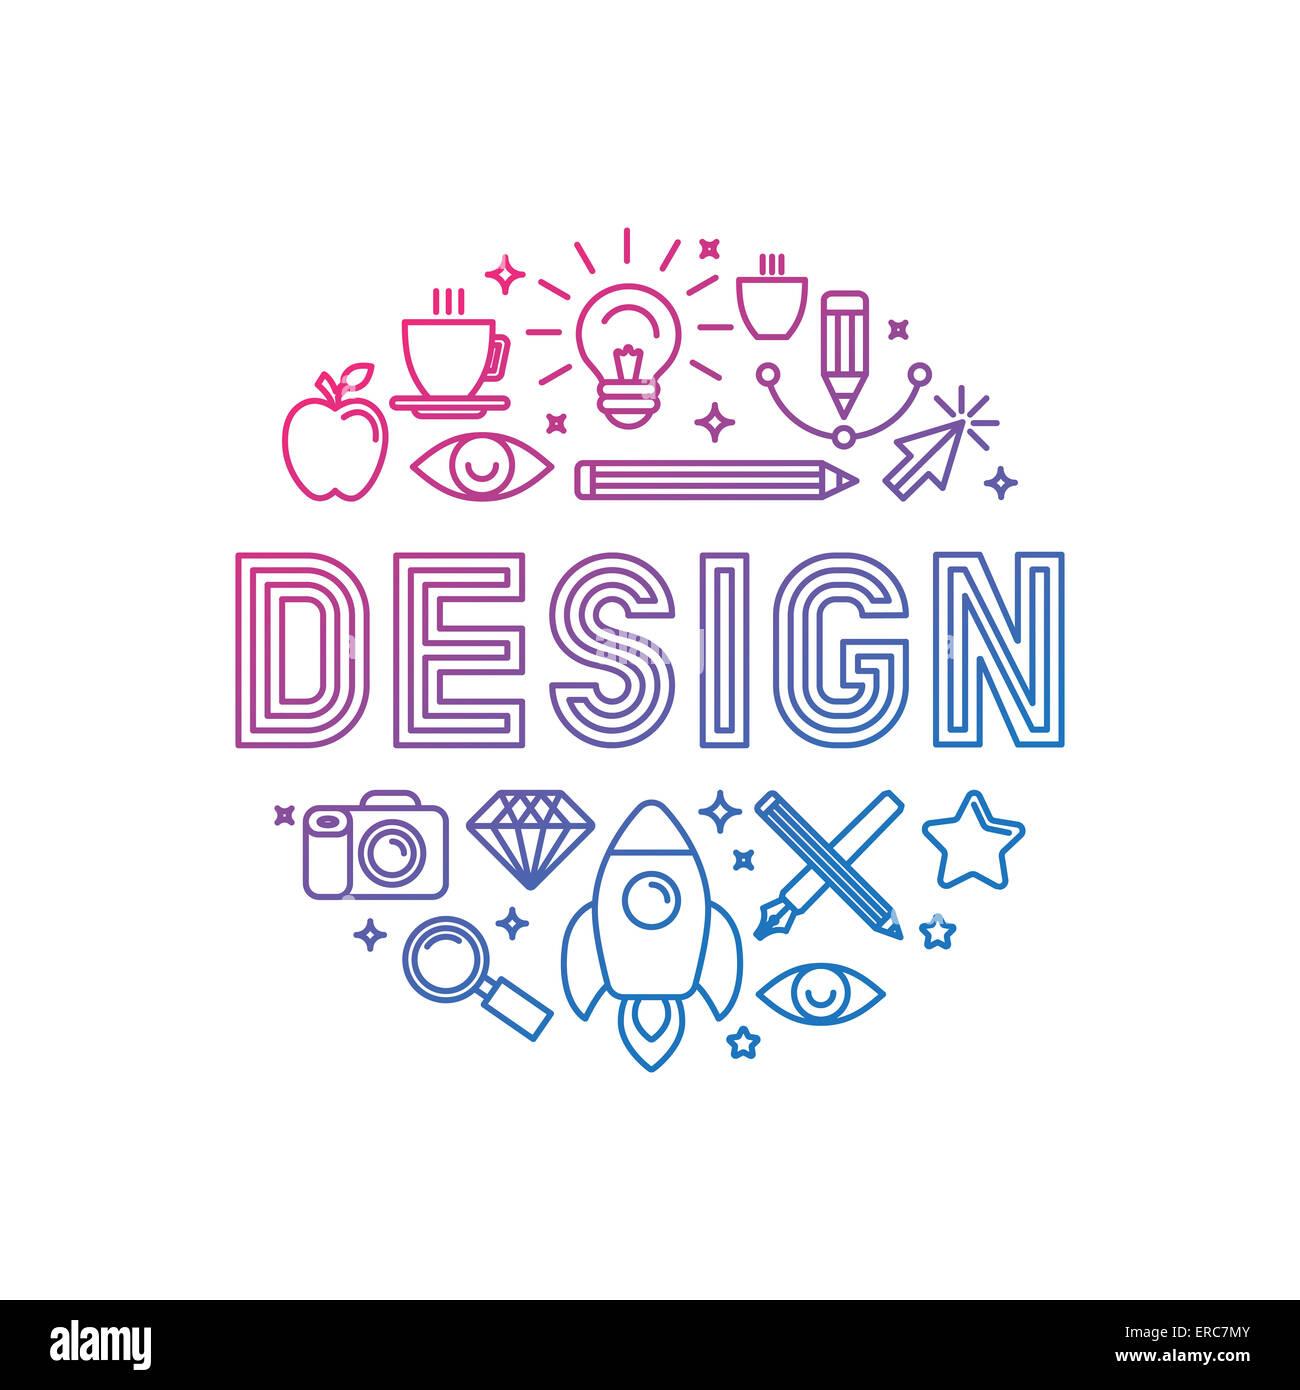 Concepto de diseño de logotipo lineal - Ilustración con iconos y signos relacionados con el diseño Imagen De Stock